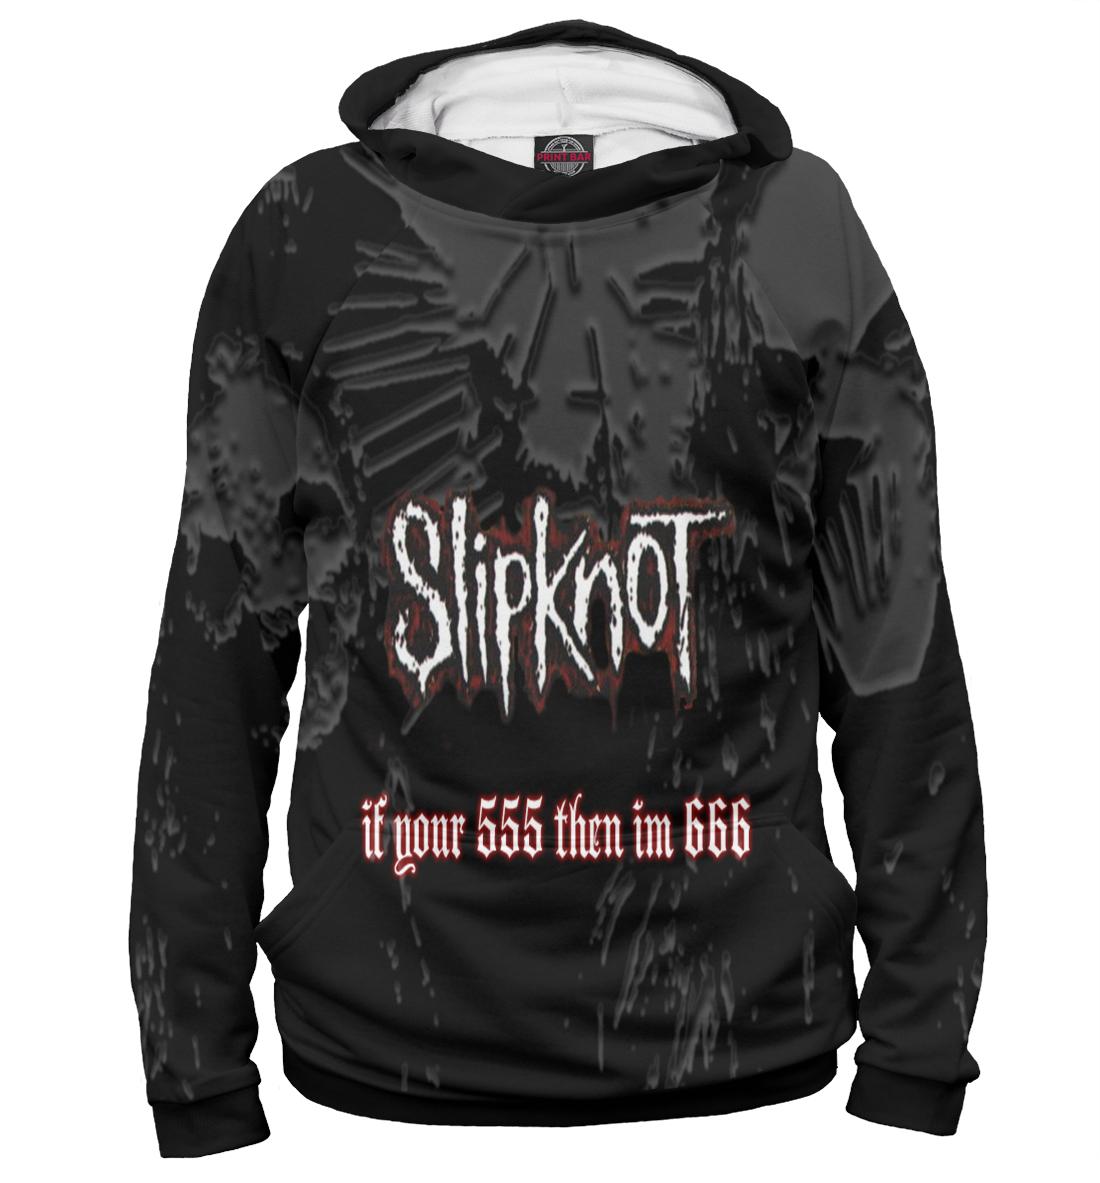 Купить Худи для мальчика Slipknot SLI-372923-hud-2